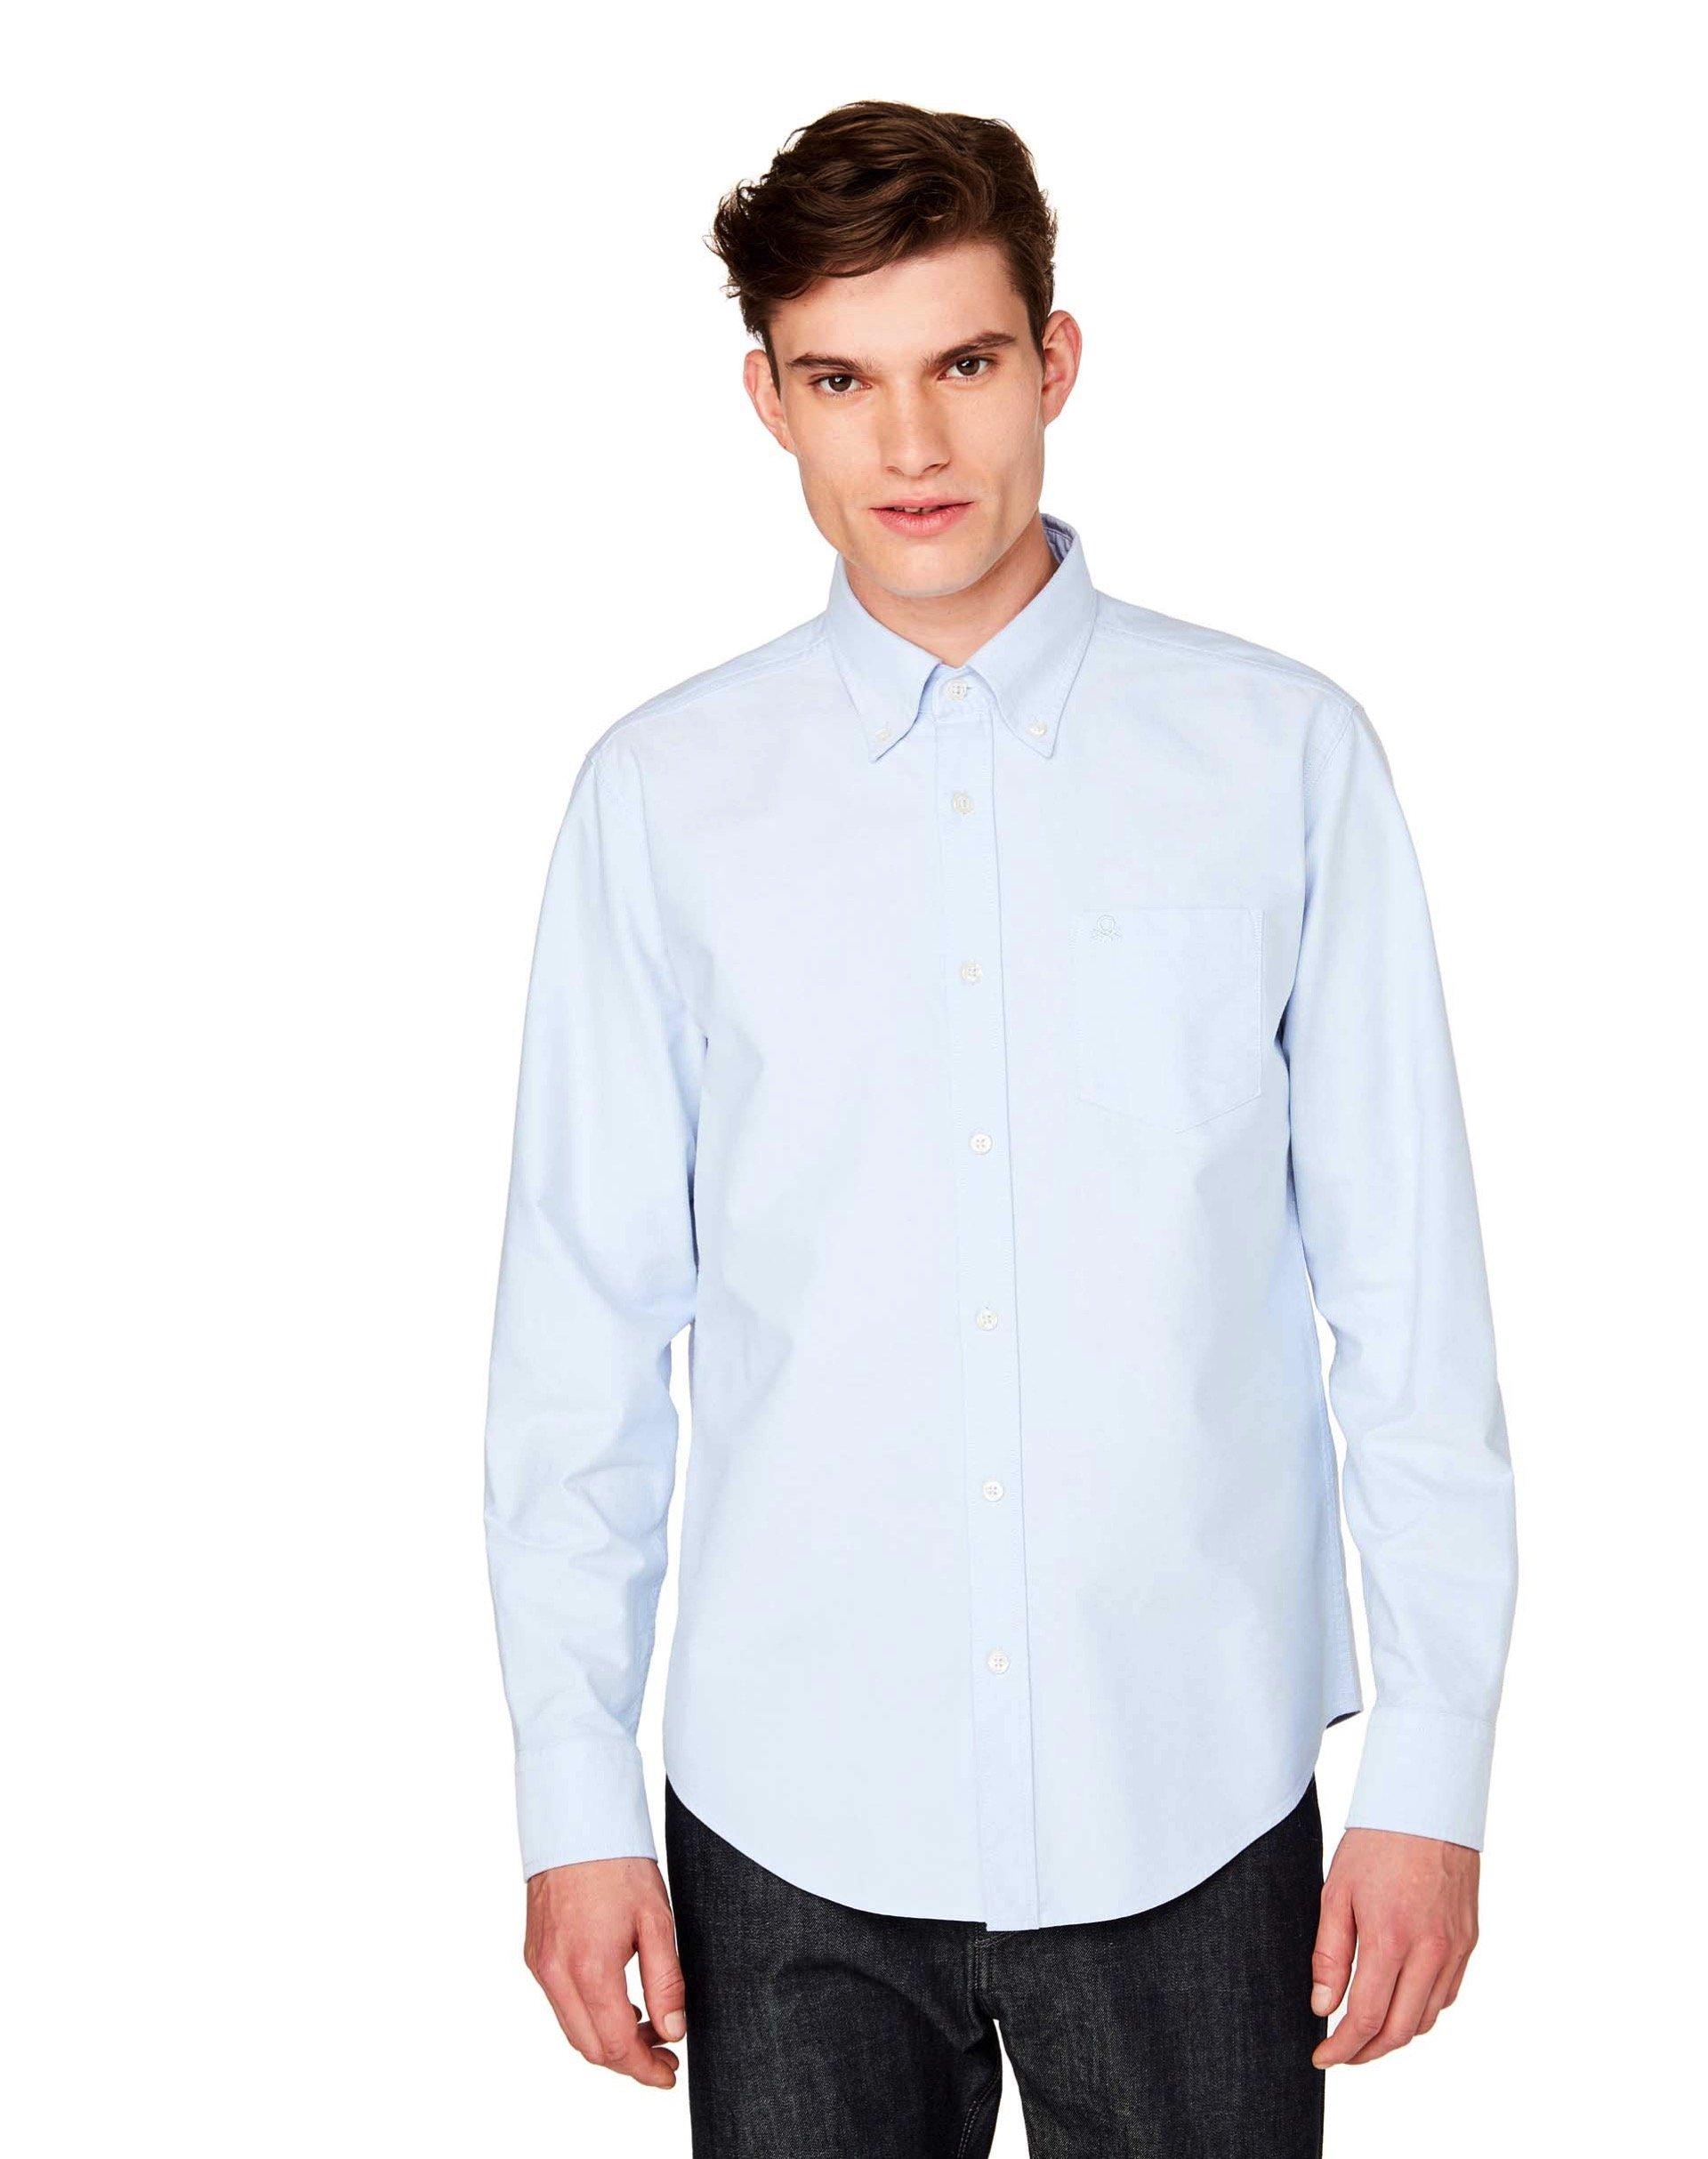 РубашкаРубашки<br>Рубашка с длинным рукавом из 100% хлопка Оксфорд, с итальянским воротничком и застежкой на пуговицы. Вышитый логотип Benetton на кармашке слева на груди, округленный низ и кокетка сзади. Посадка регулар.<br>Цвет: Голубой; Размер: S;